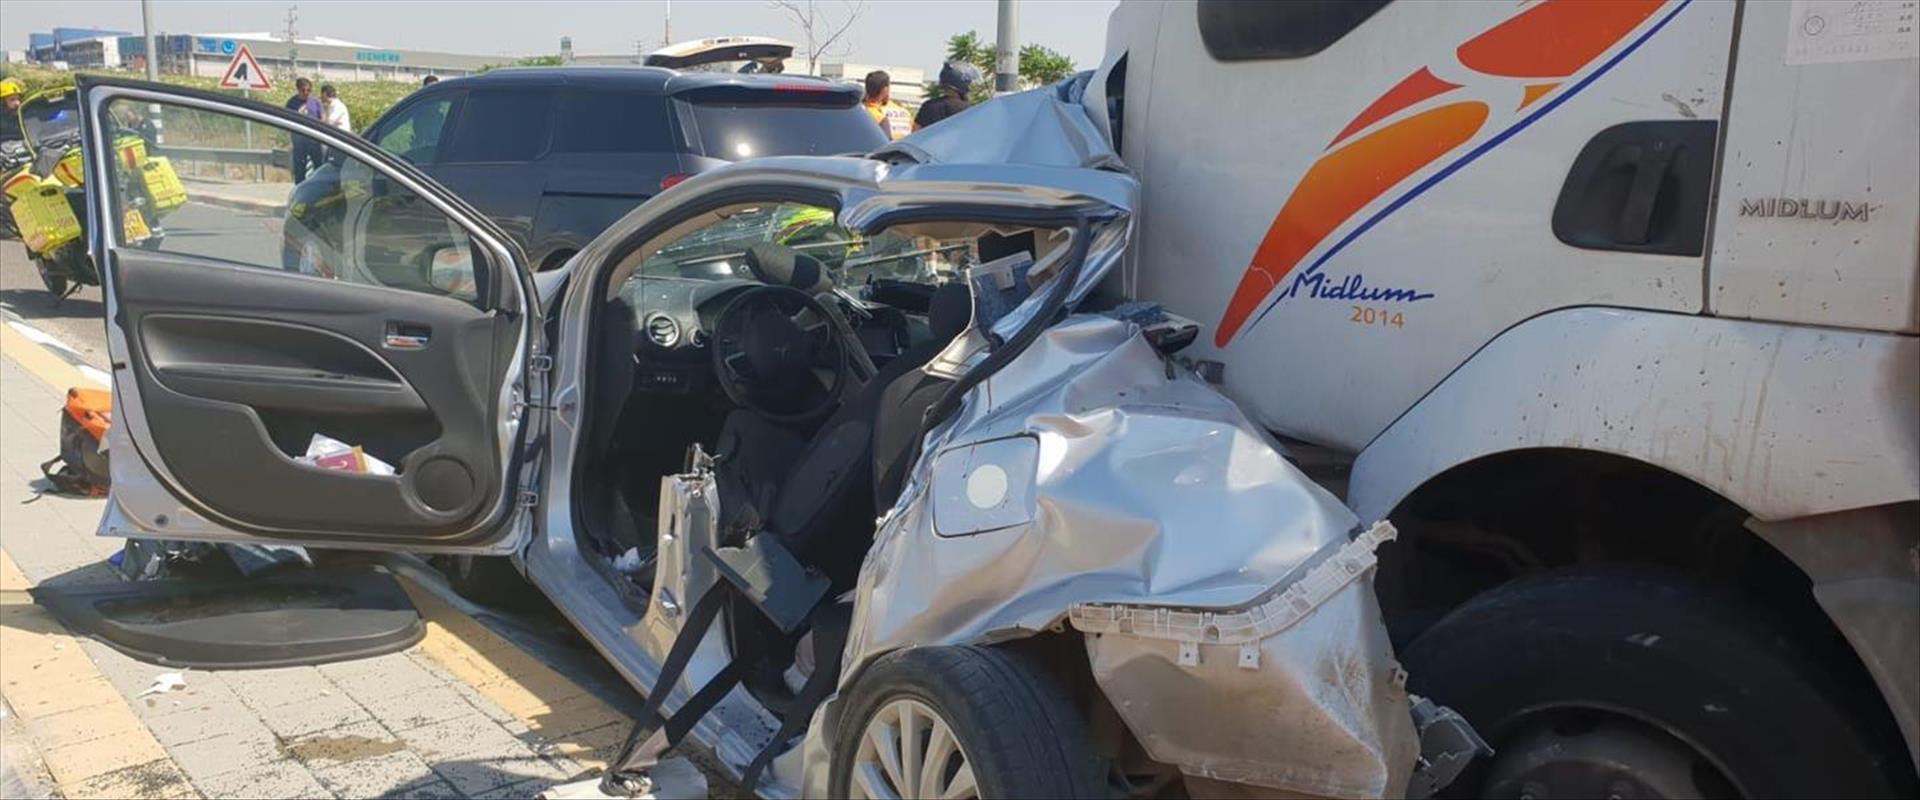 המשאית הפוגעת וכלי הרכב שנפגע